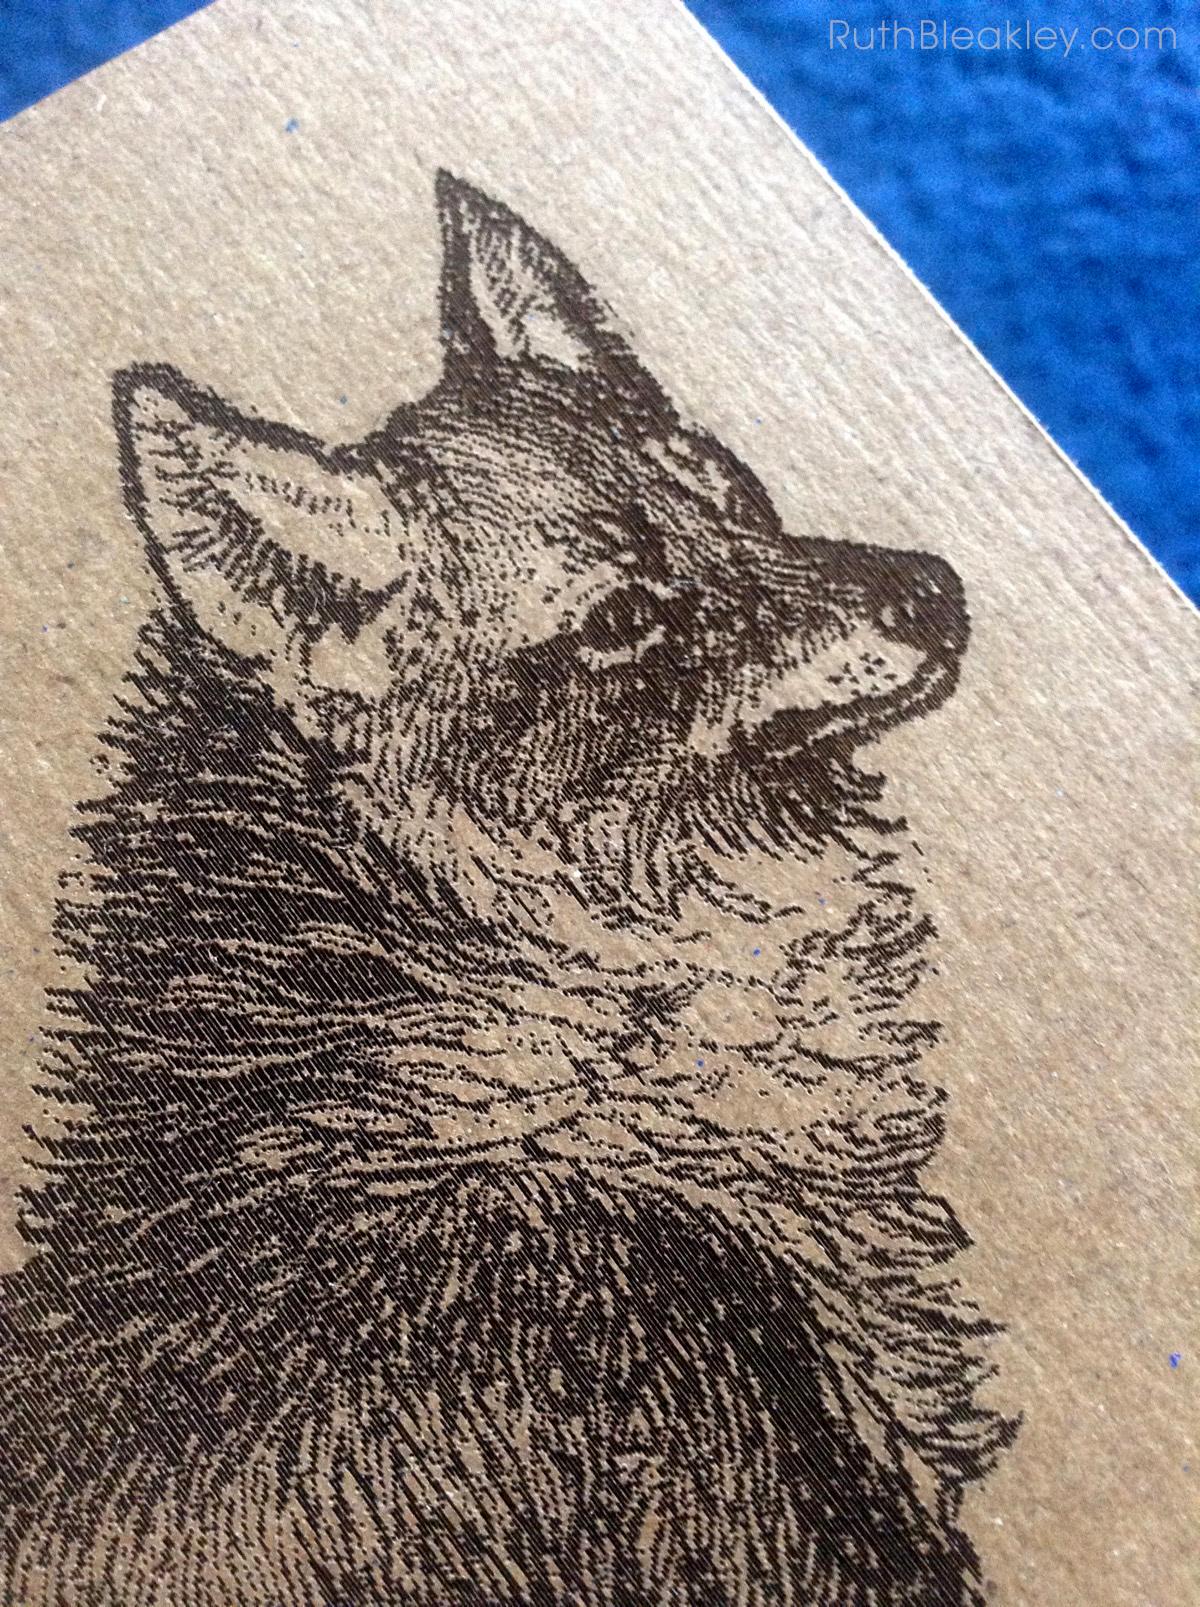 Coyote Journal handmade by Ruth Bleakley - 3